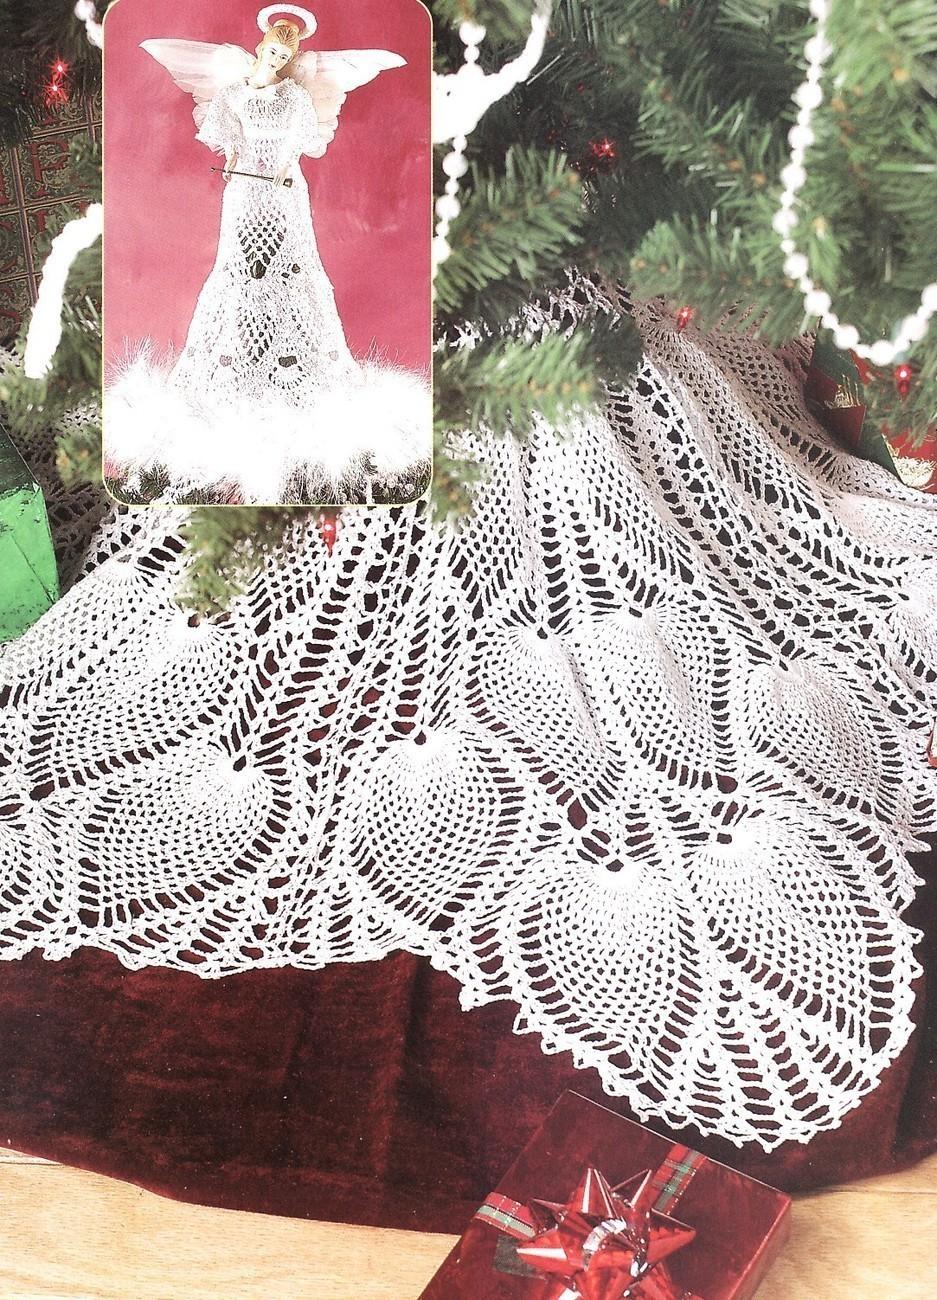 Free Crochet Pattern For Christmas Skirt : Pineapple Tree Skirt & Angel Topper Crochet Patterns ...